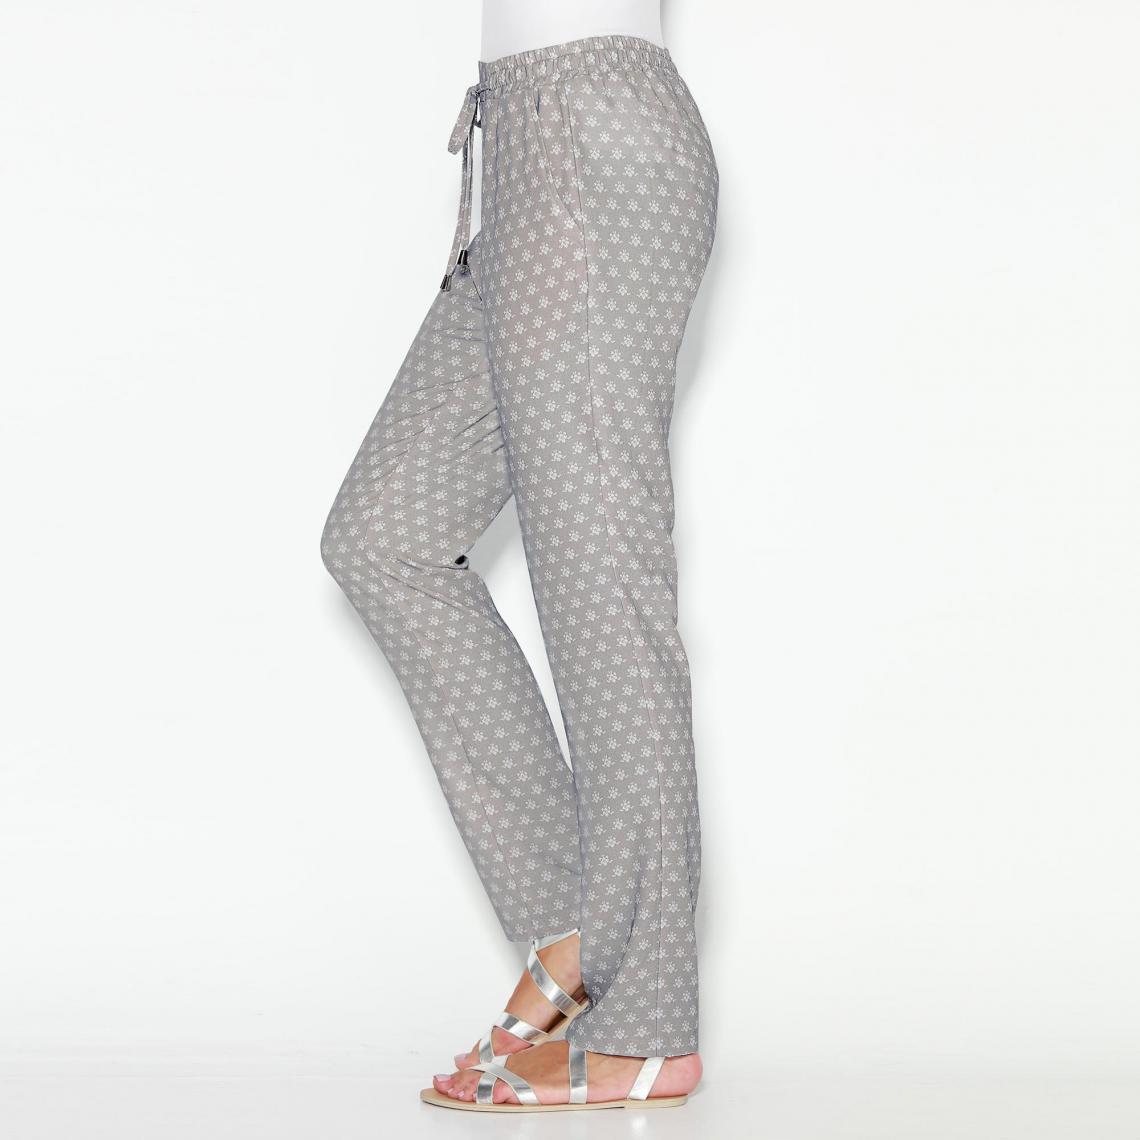 Pantalon imprimé élastique taille cordon et Exclusivité femme wRwa1q a93c8357a52